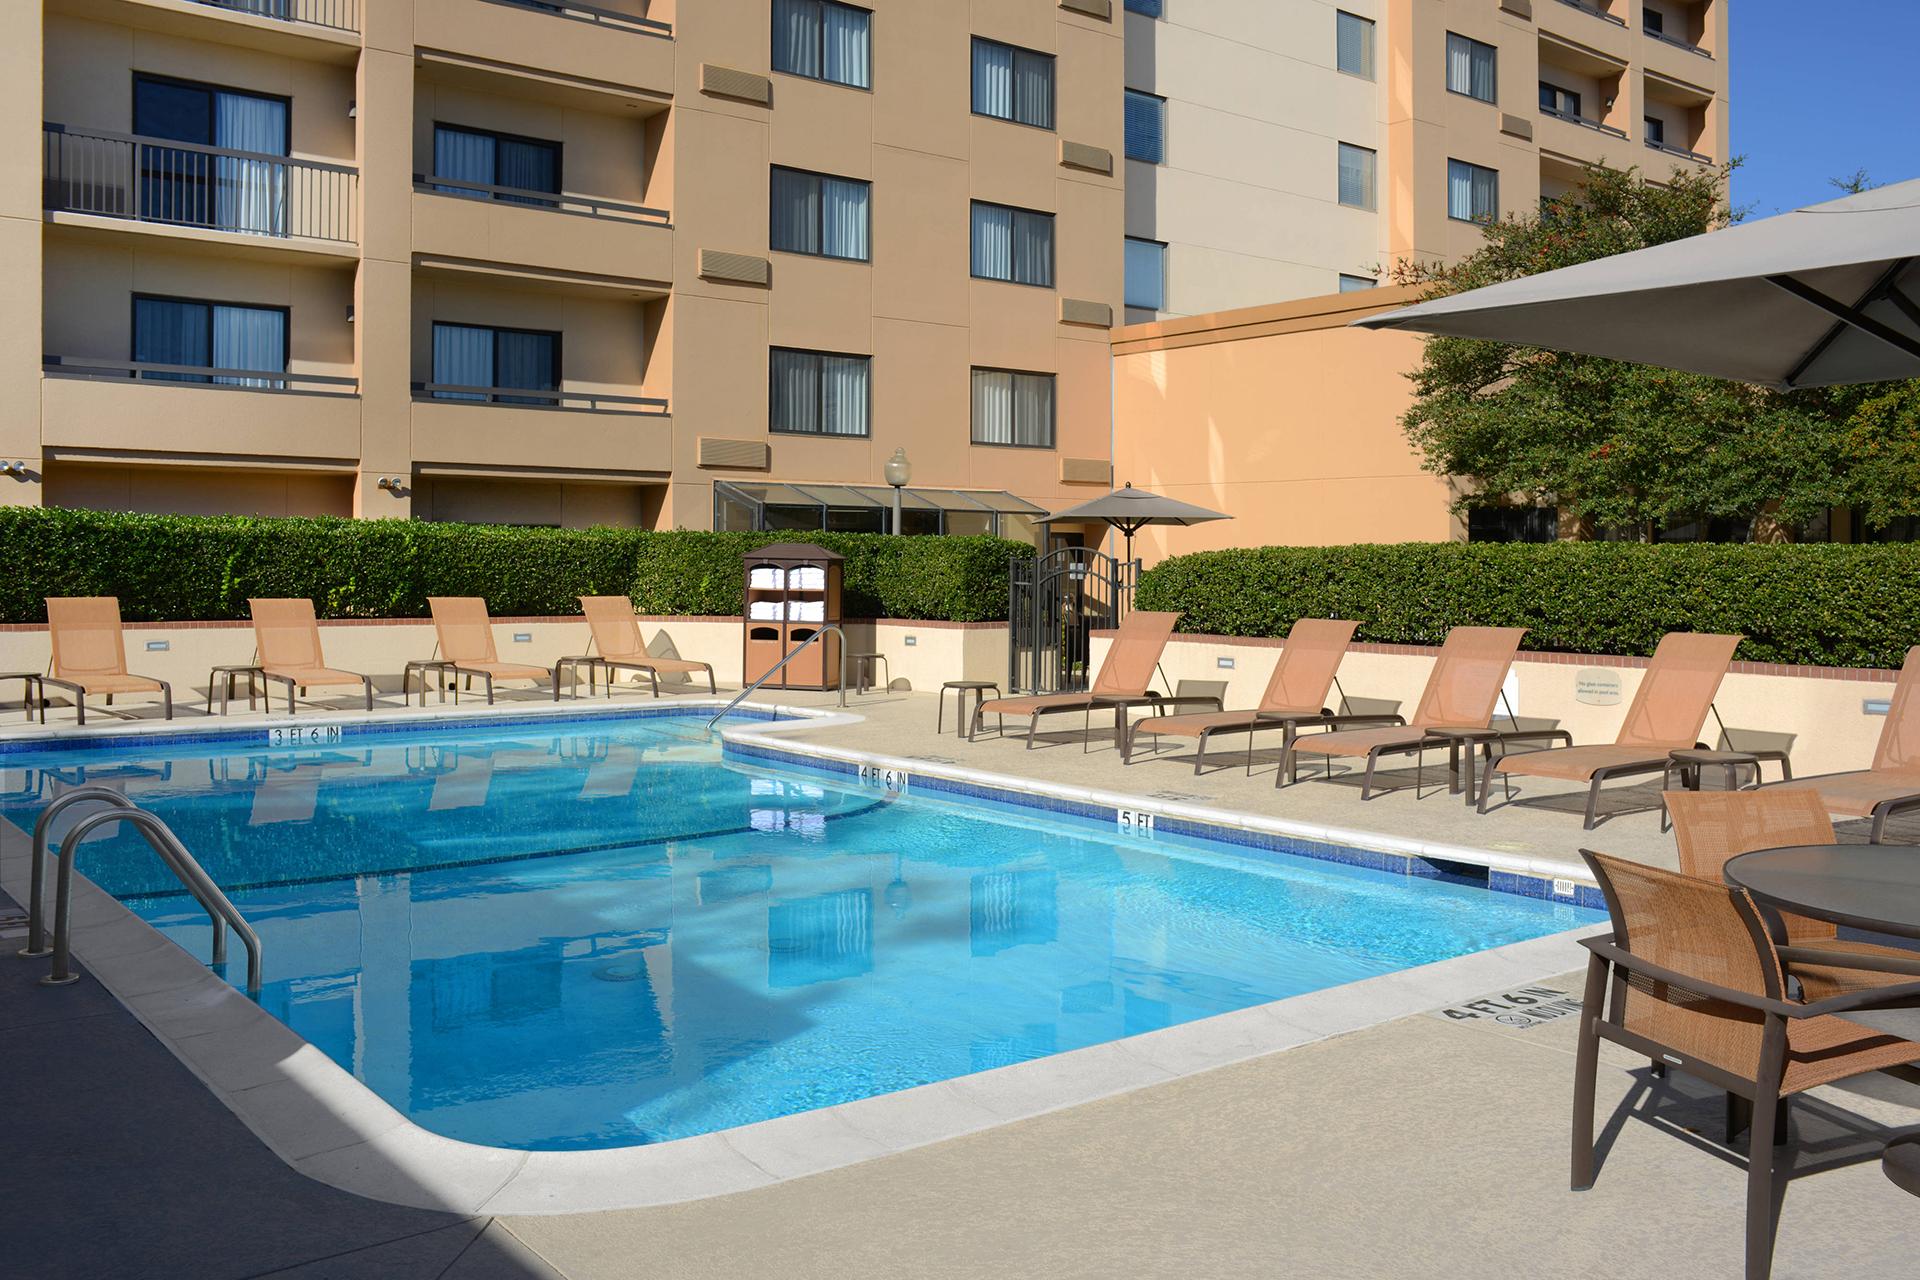 Sonesta Select Dallas Central Expressway Outdoor Pool